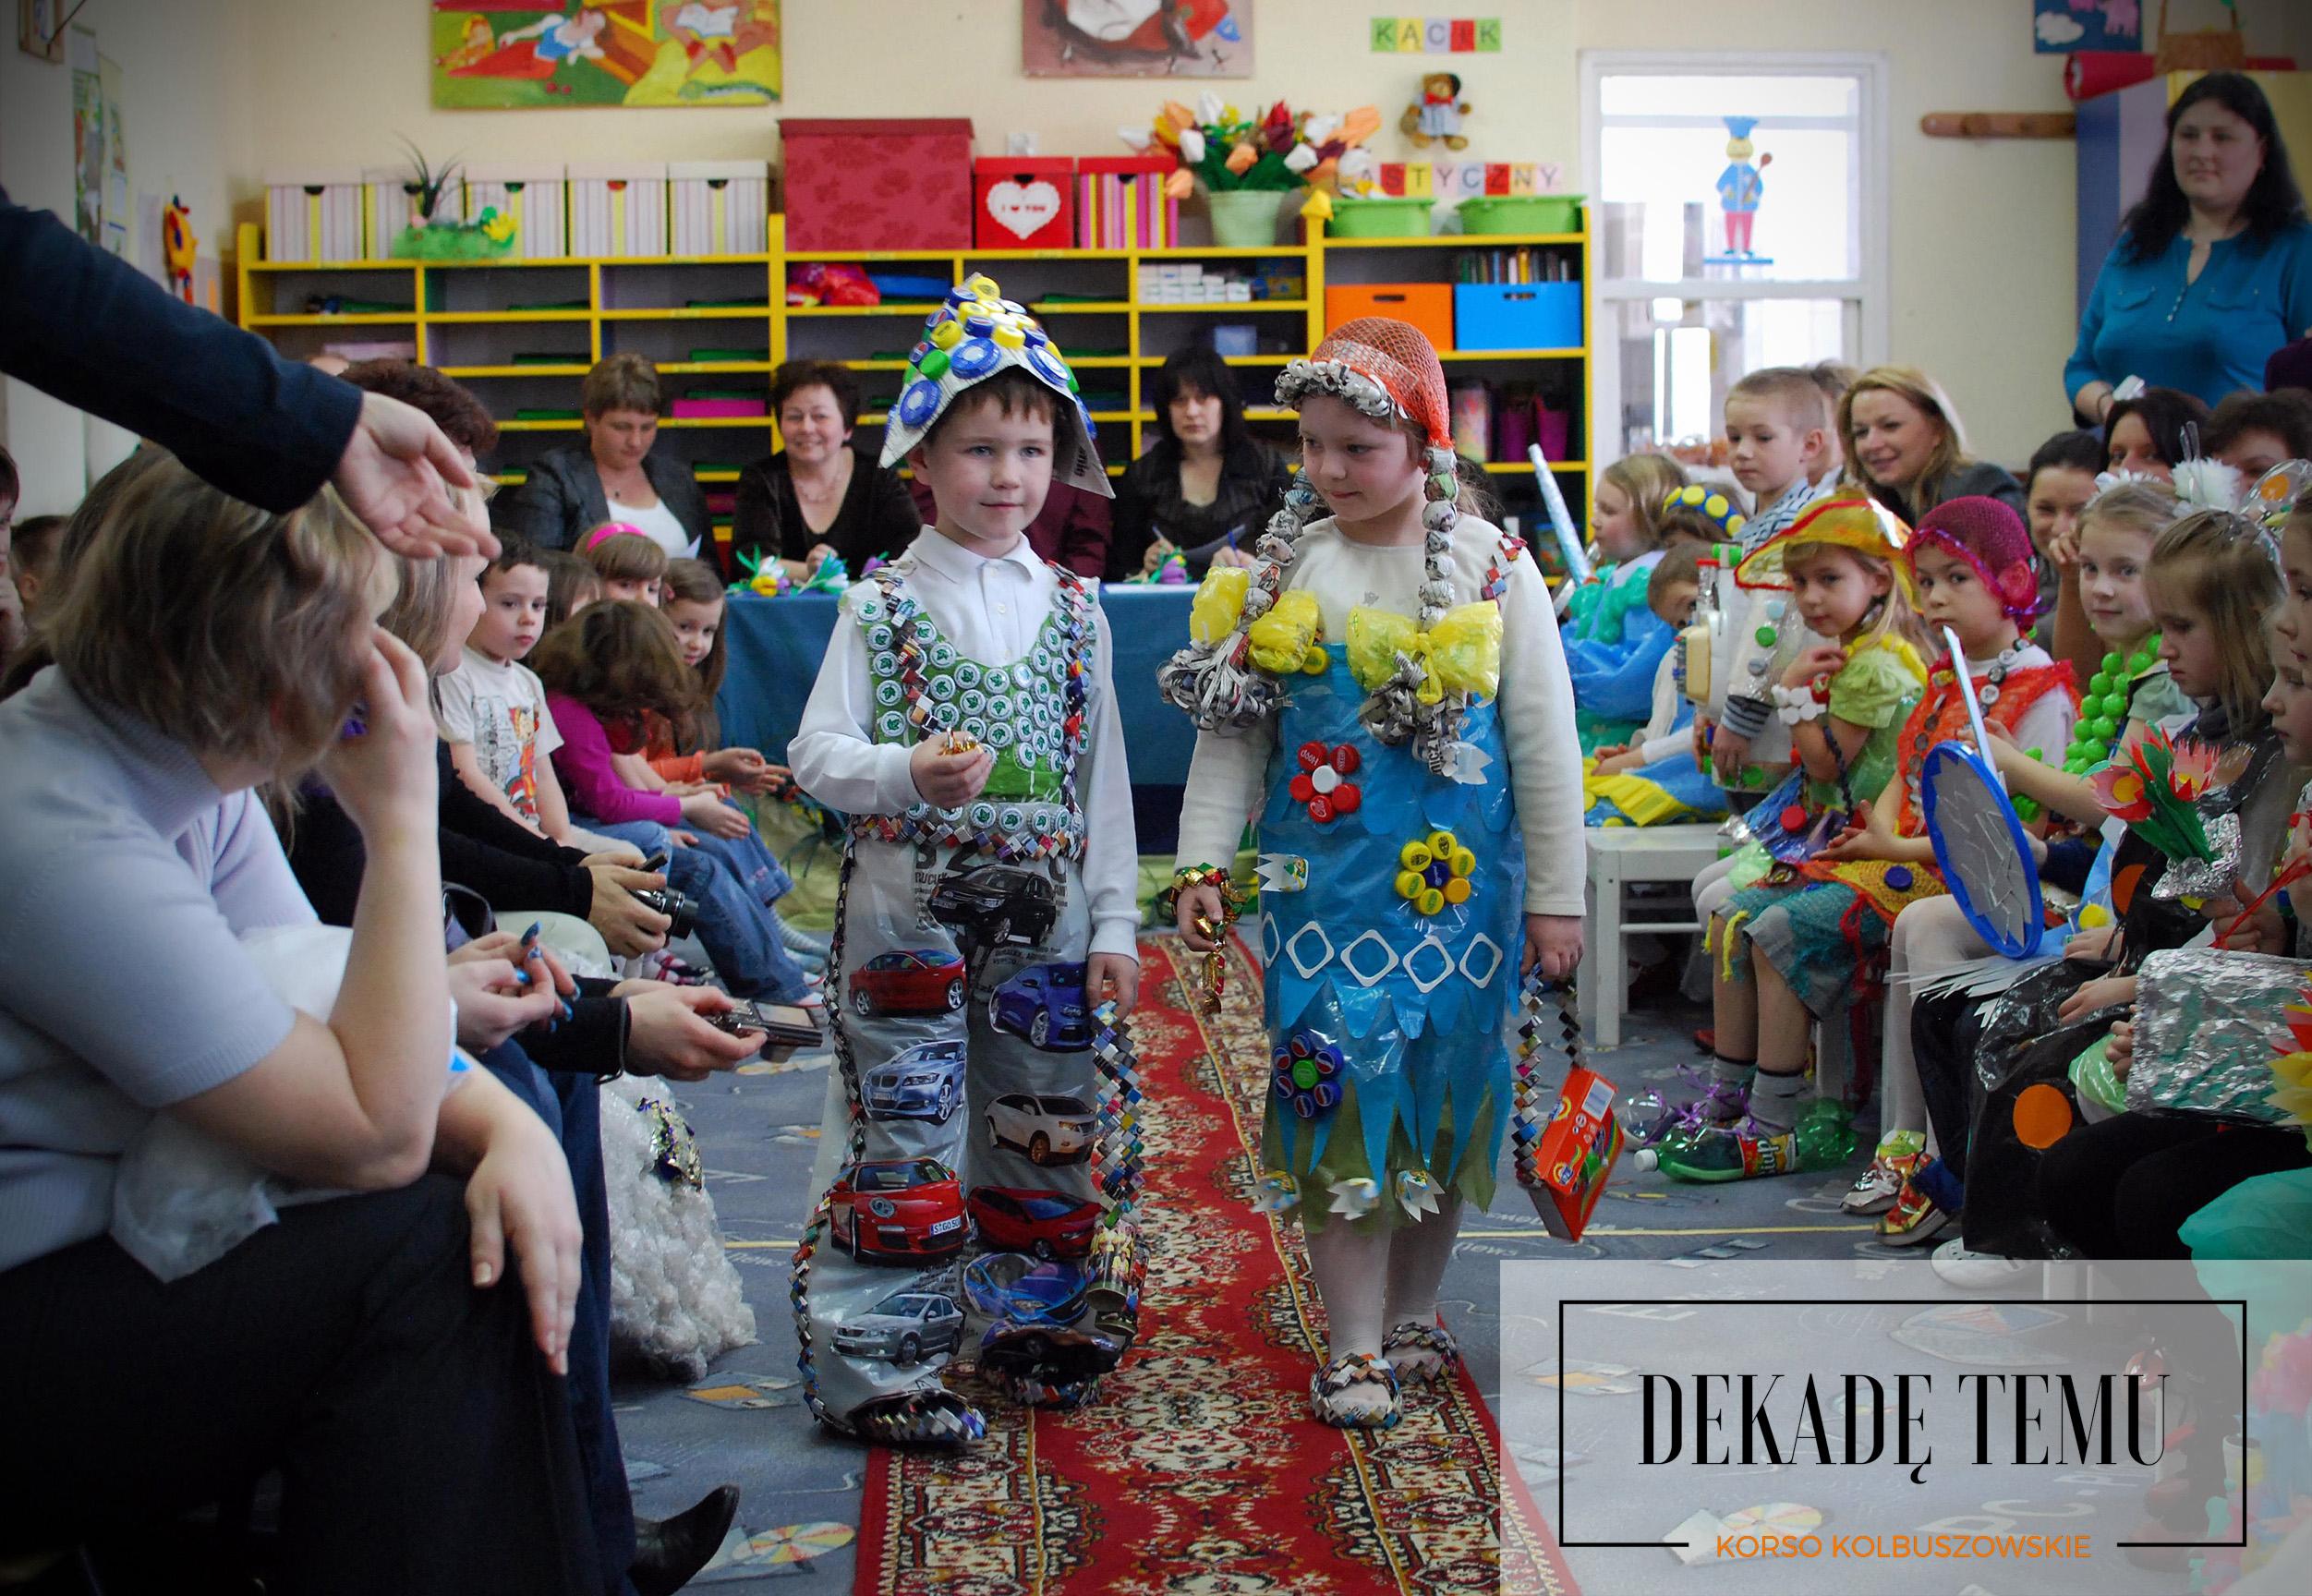 DEKADĘ TEMU. Ekologiczny pokaz mody w przedszkolu [FOTO] - Zdjęcie główne